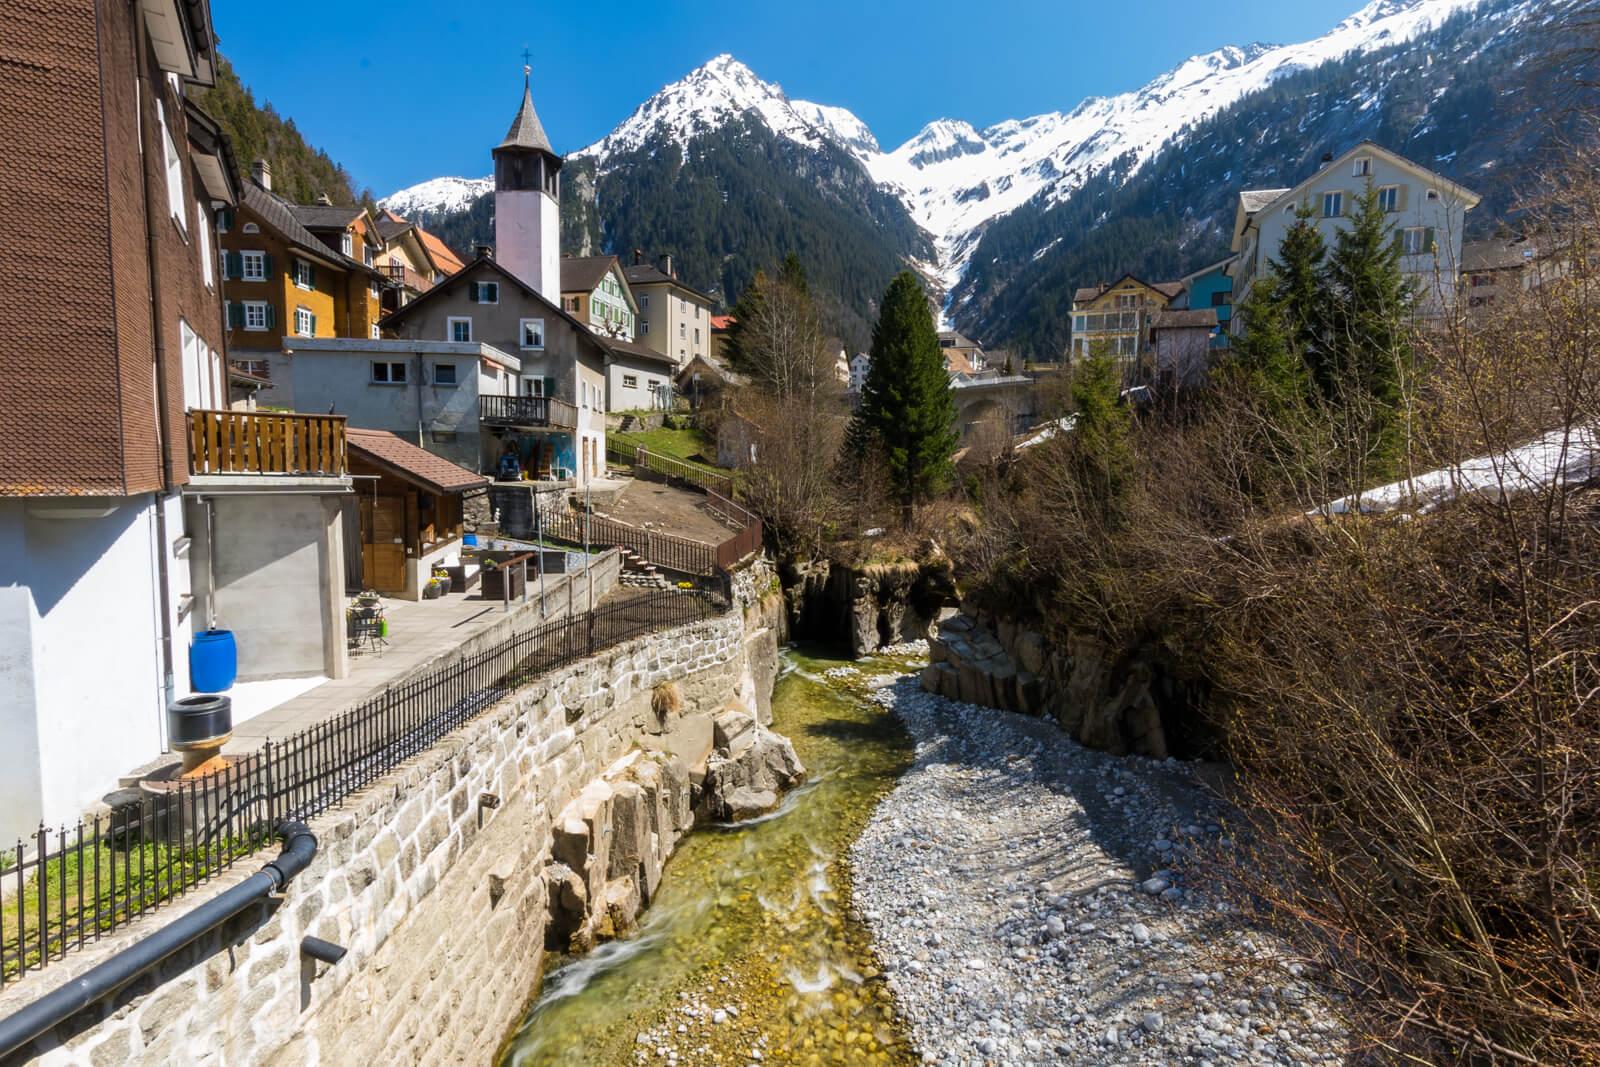 Göschenen Village in Switzerland